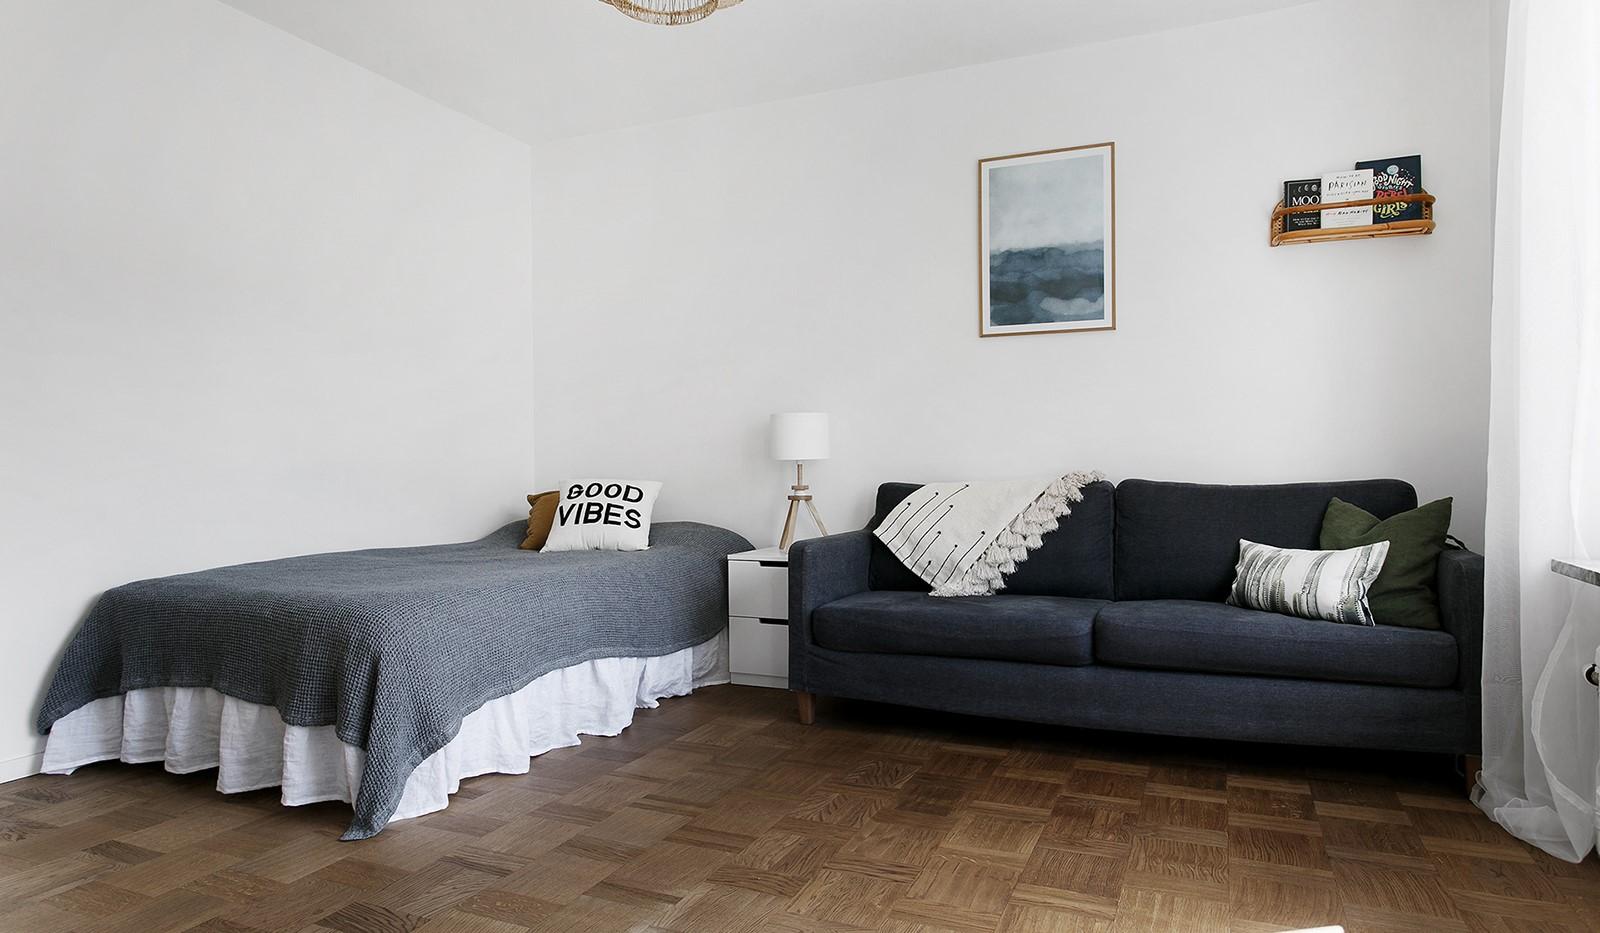 Kolbäcksgränd 28, 2 tr - I allrummet ryms både säng och soffa